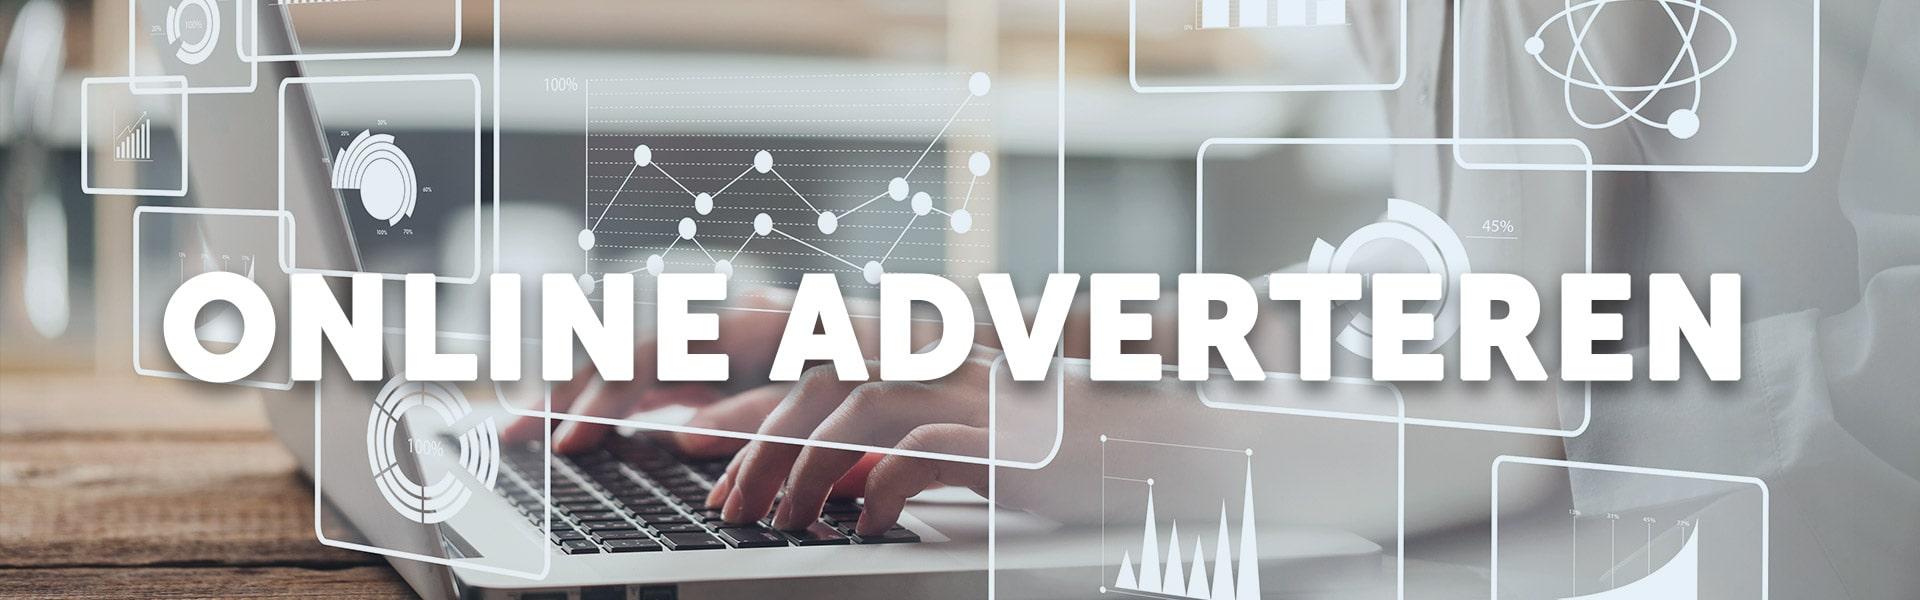 Online adverteren blijft groeien